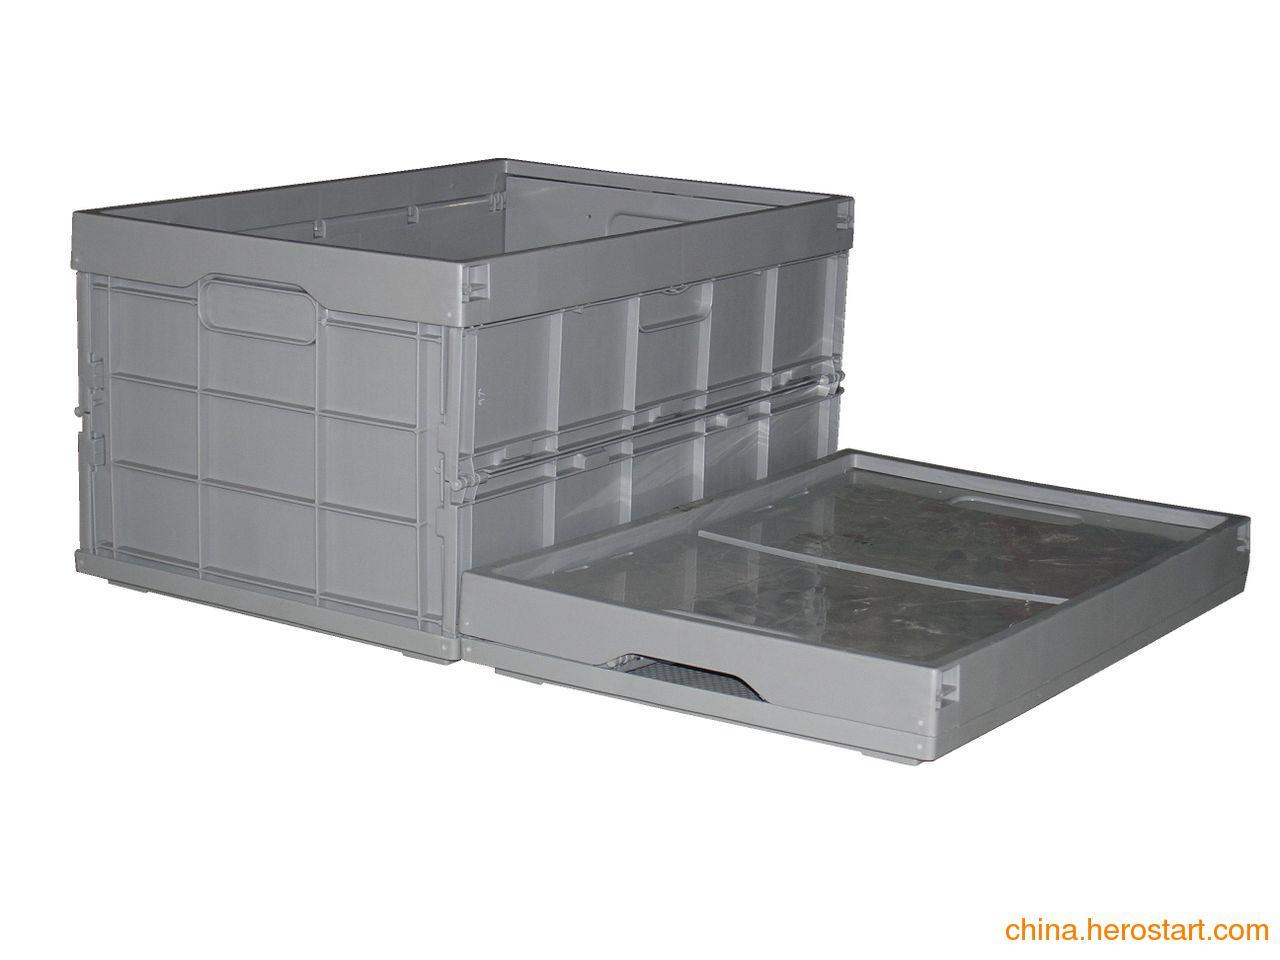 供应hdpe全新料塑料折叠周转箱厂家直销